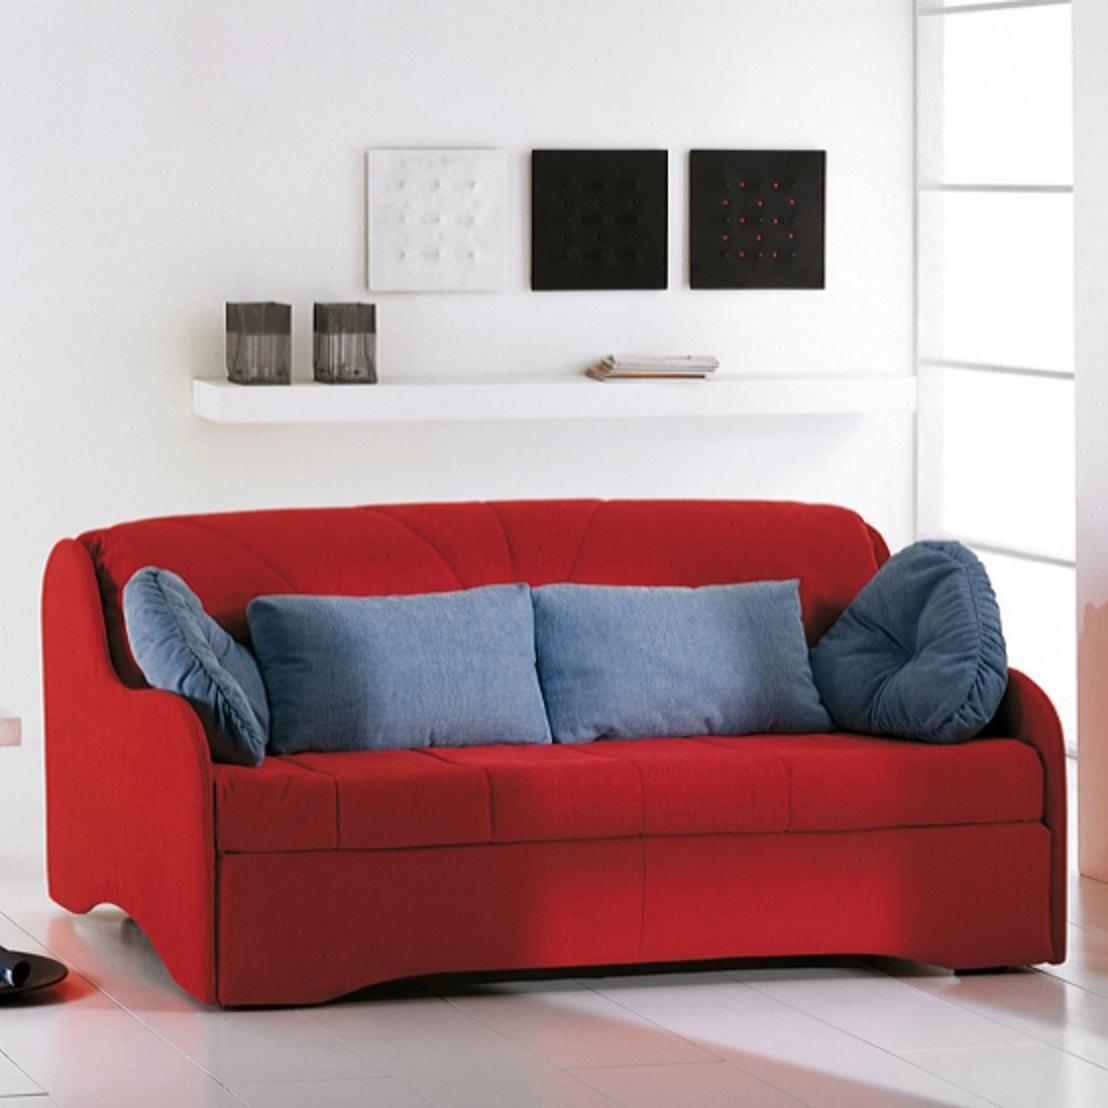 Divano letto palma divani letto salvaspazio pinterest - Divano letto b b italia ...